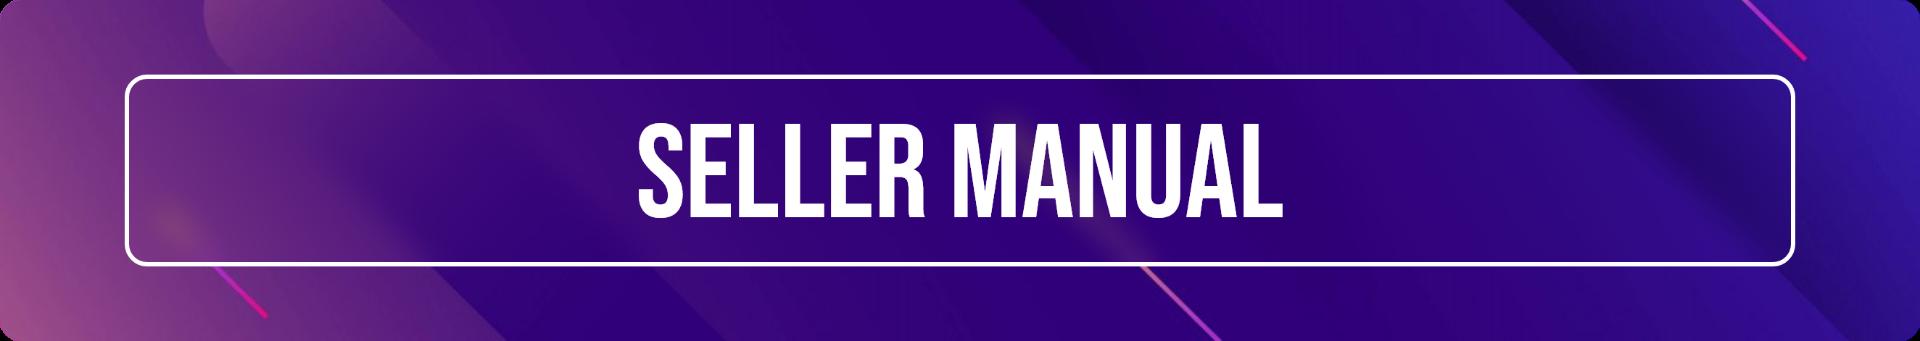 Star Hangar Seller Manual